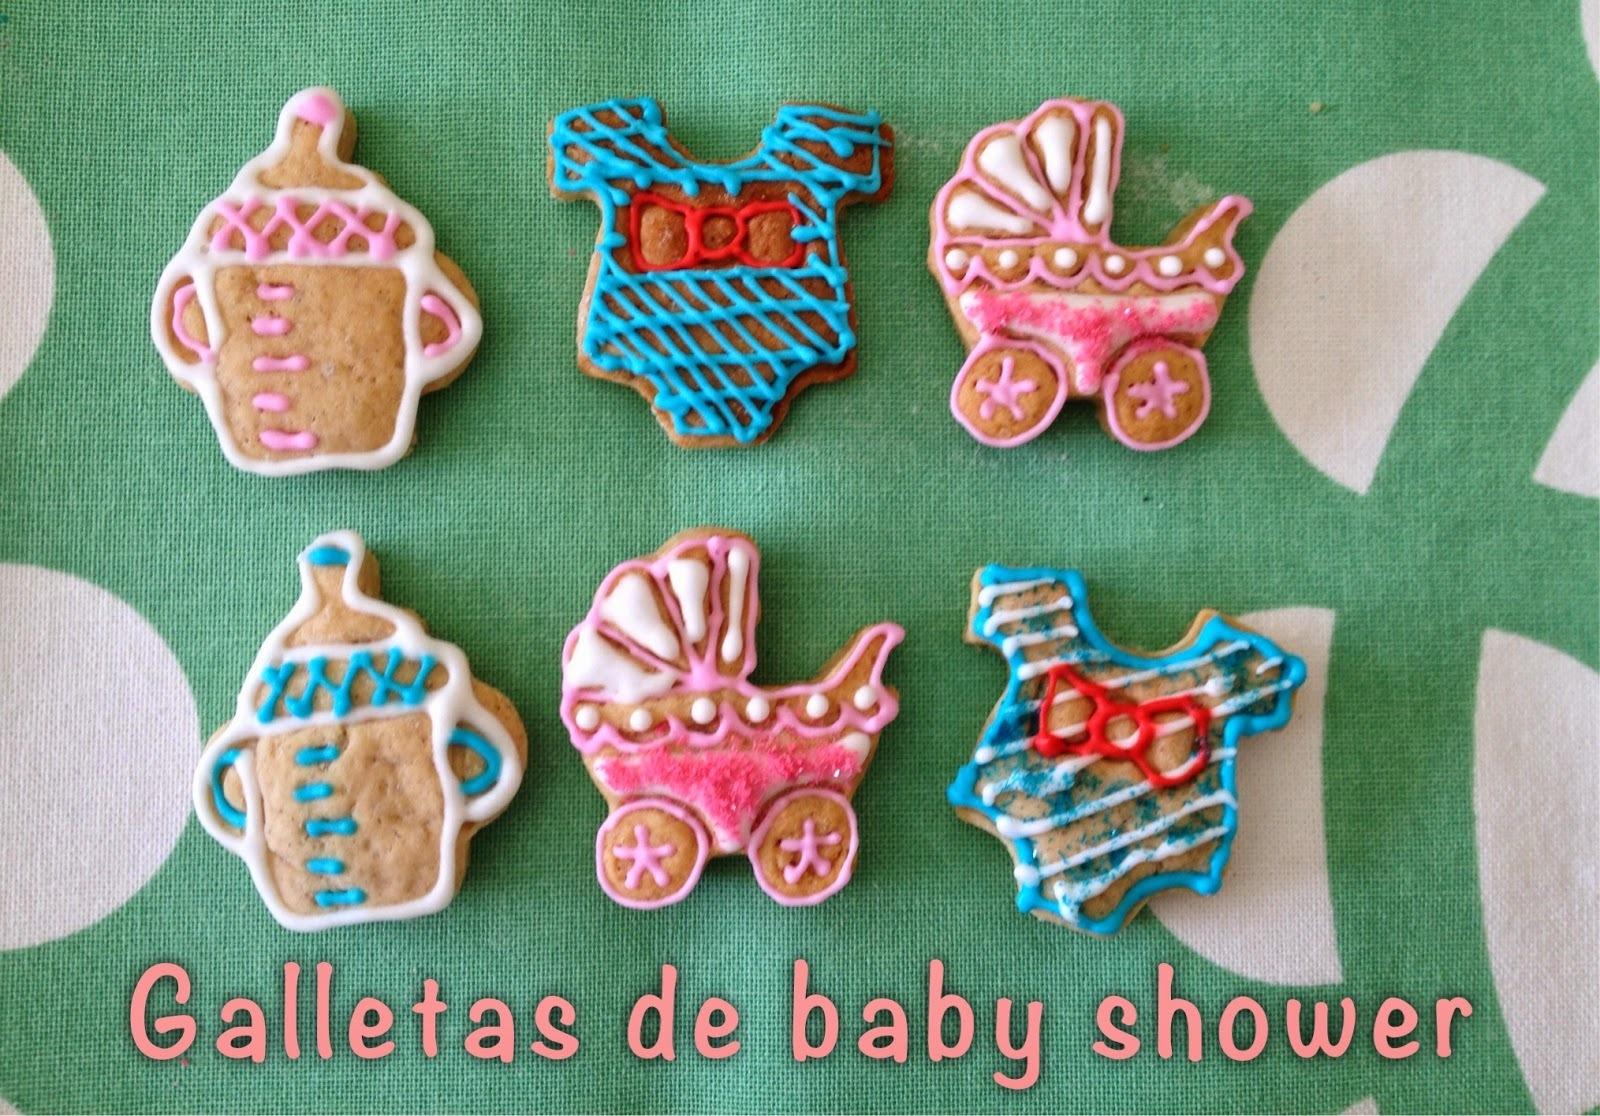 Galletas decoradas para el baby shower de mi amiga Lydia